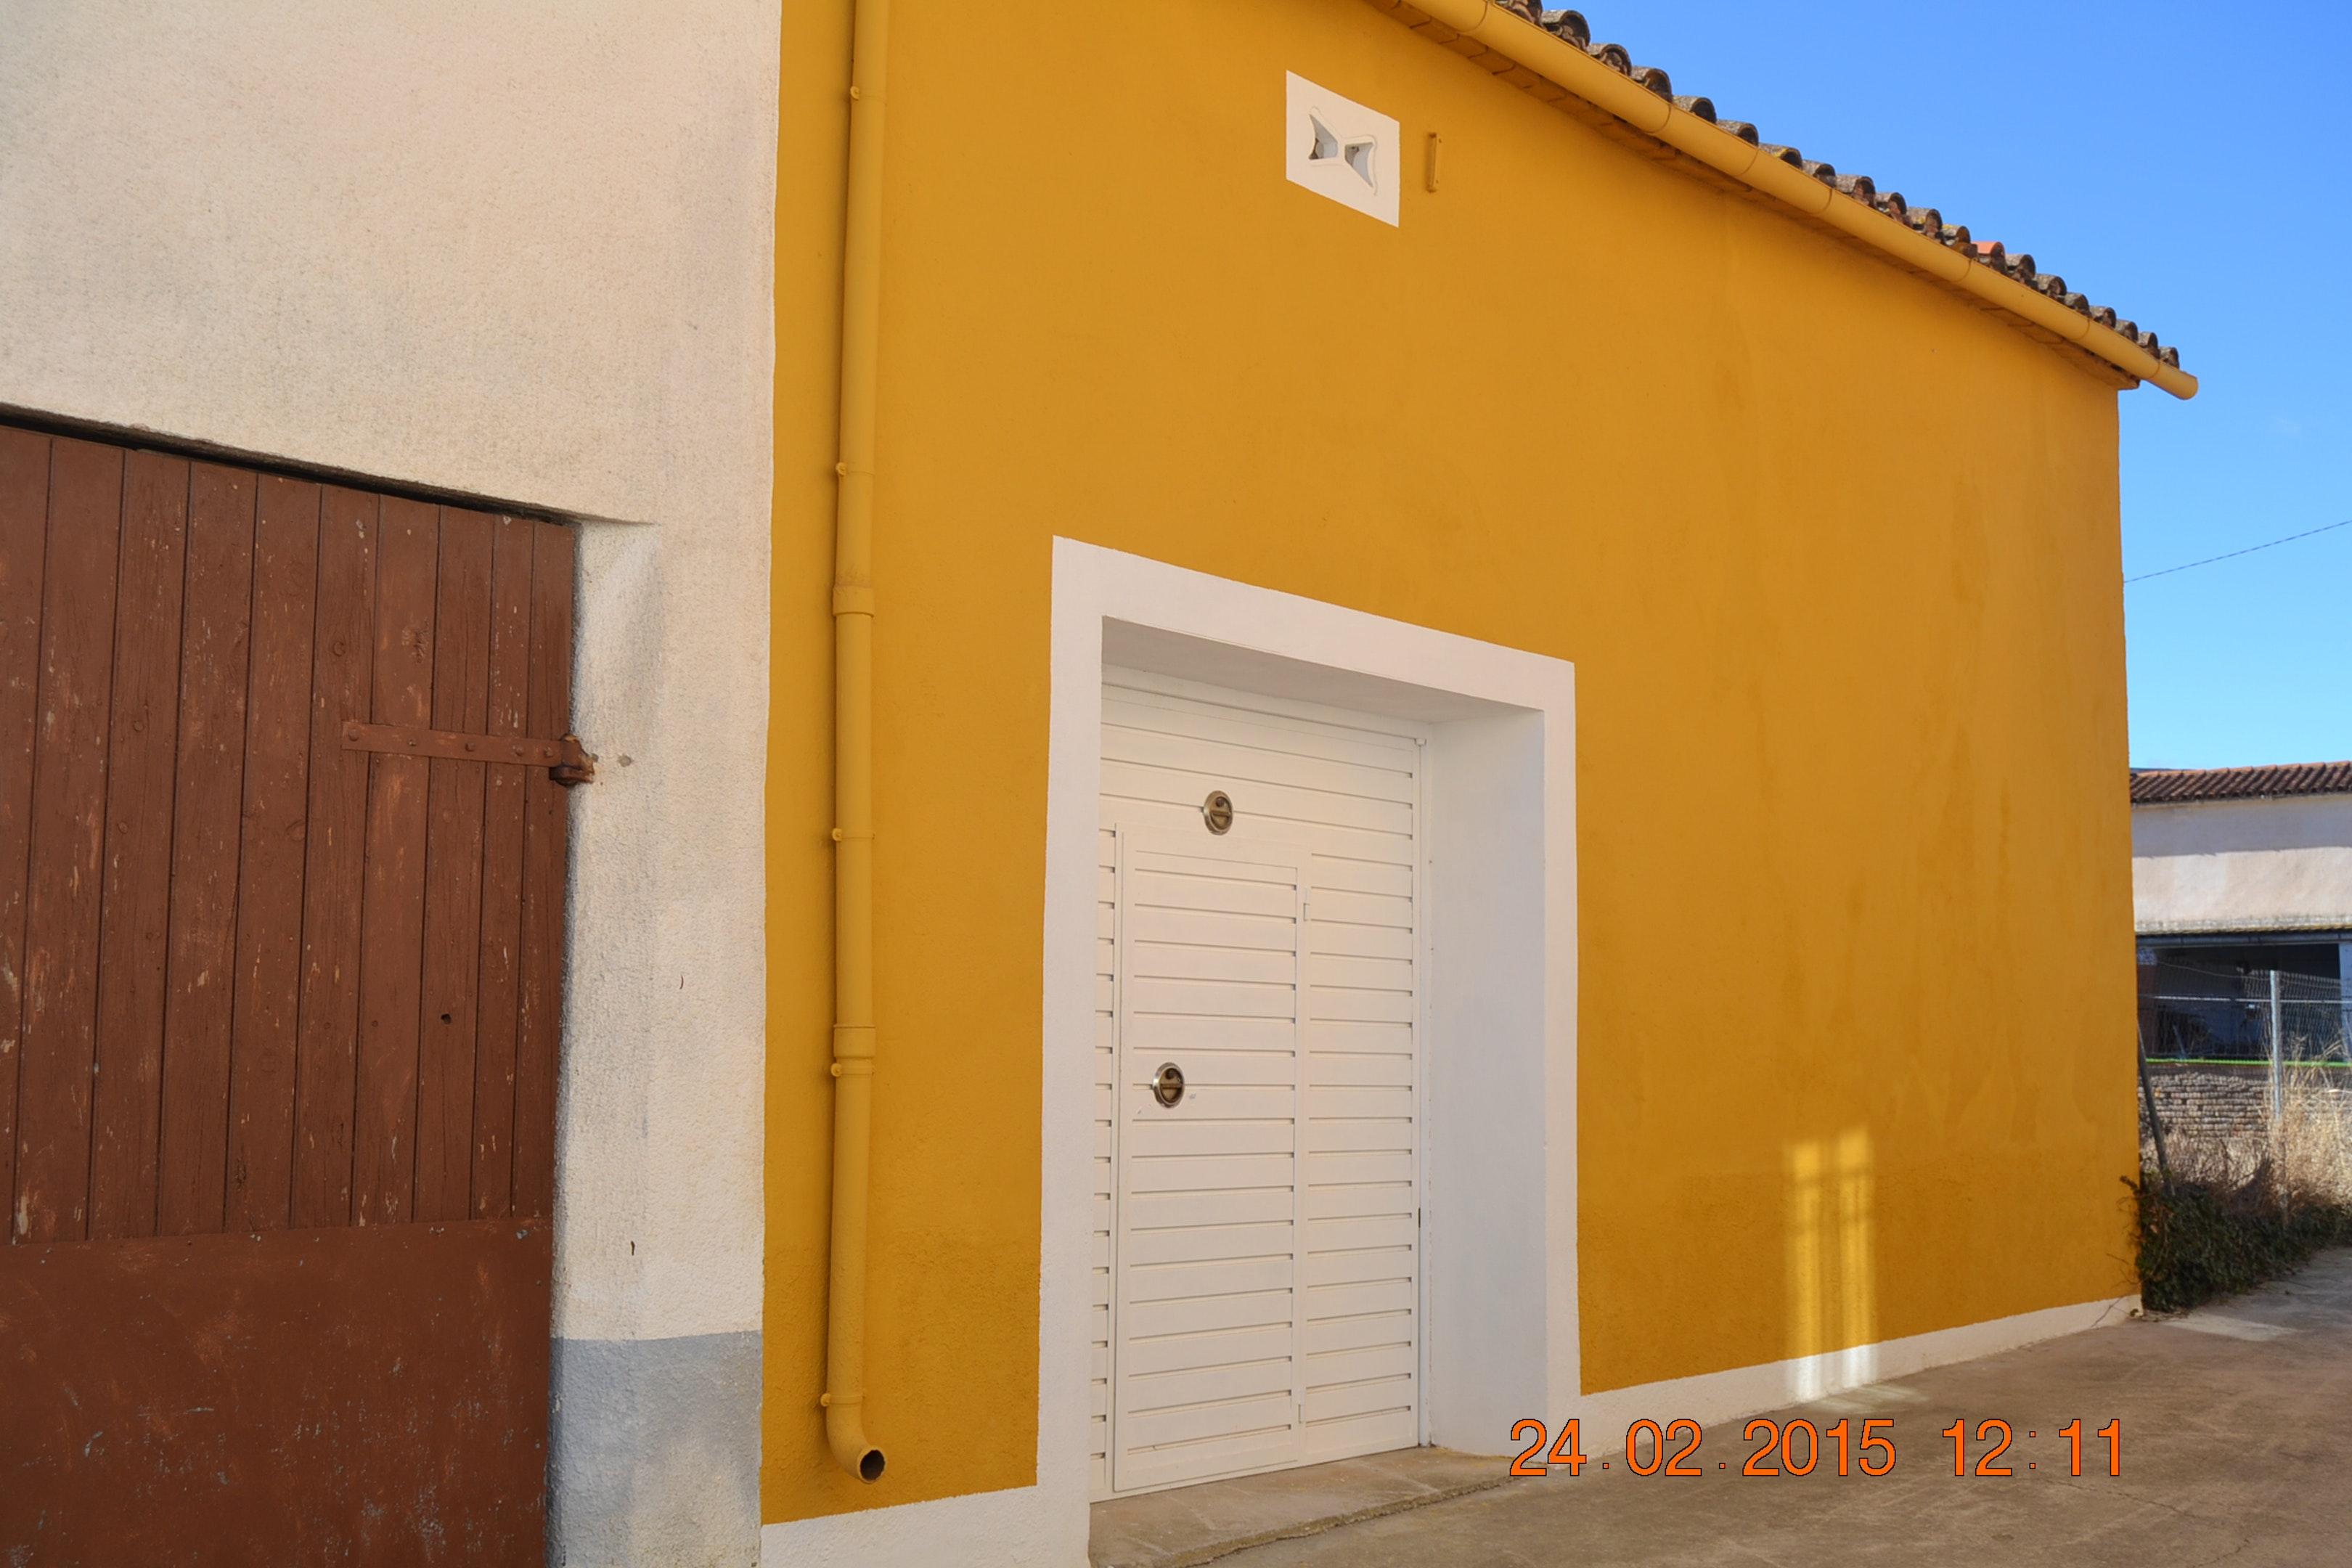 Ferienhaus Haus mit 4 Schlafzimmern in Sant Pere Sacarrera mit toller Aussicht auf die Berge, möblier (2217248), Sant Pere Sacarrera, Barcelona, Katalonien, Spanien, Bild 3